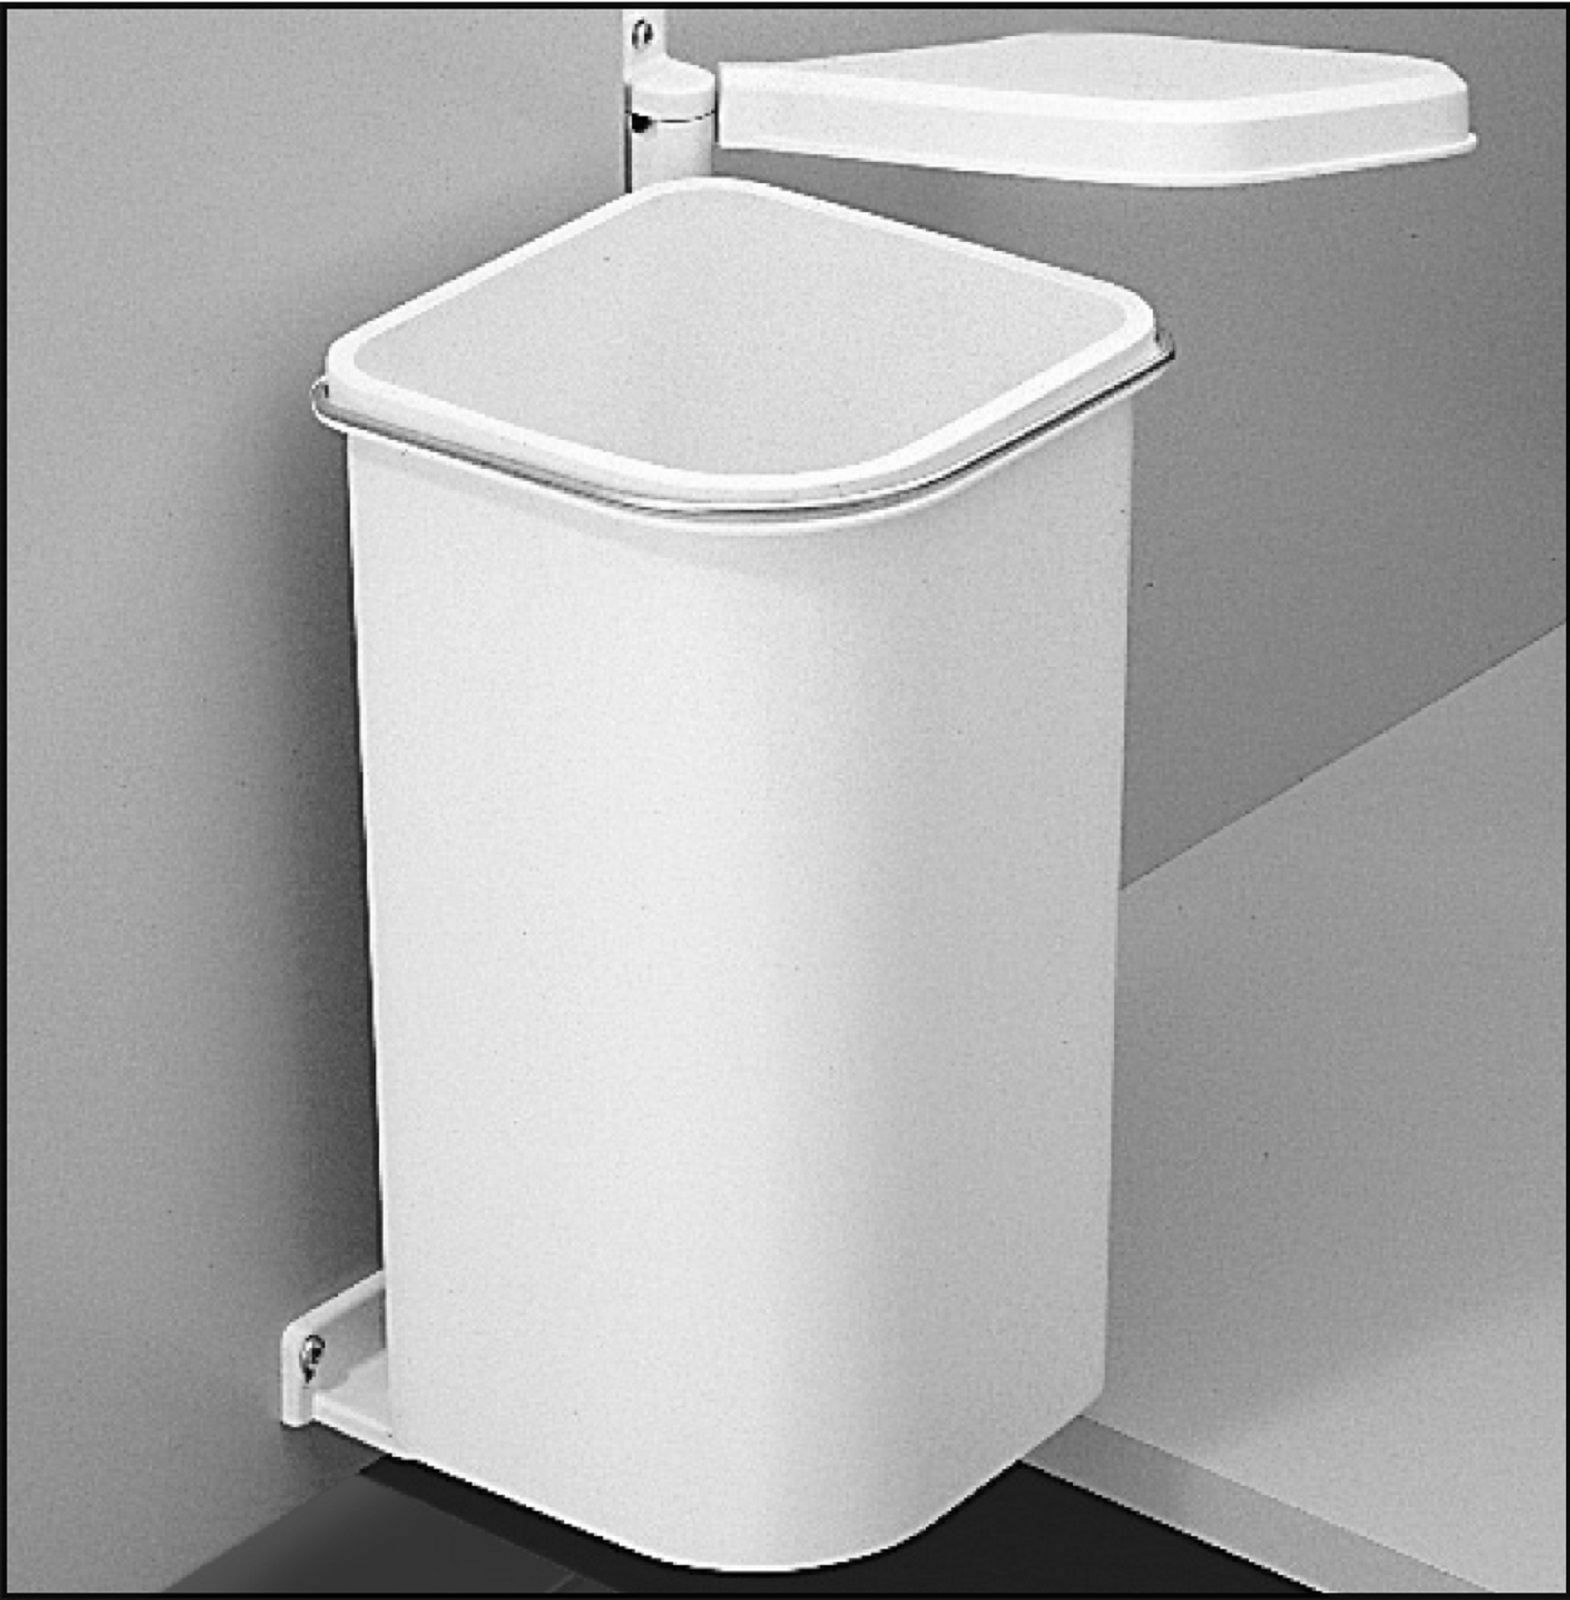 Küchen Mülleimer 5 Liter Badezimmer Kosmetikeimer Hailo Pico Abfalleimer  *47430